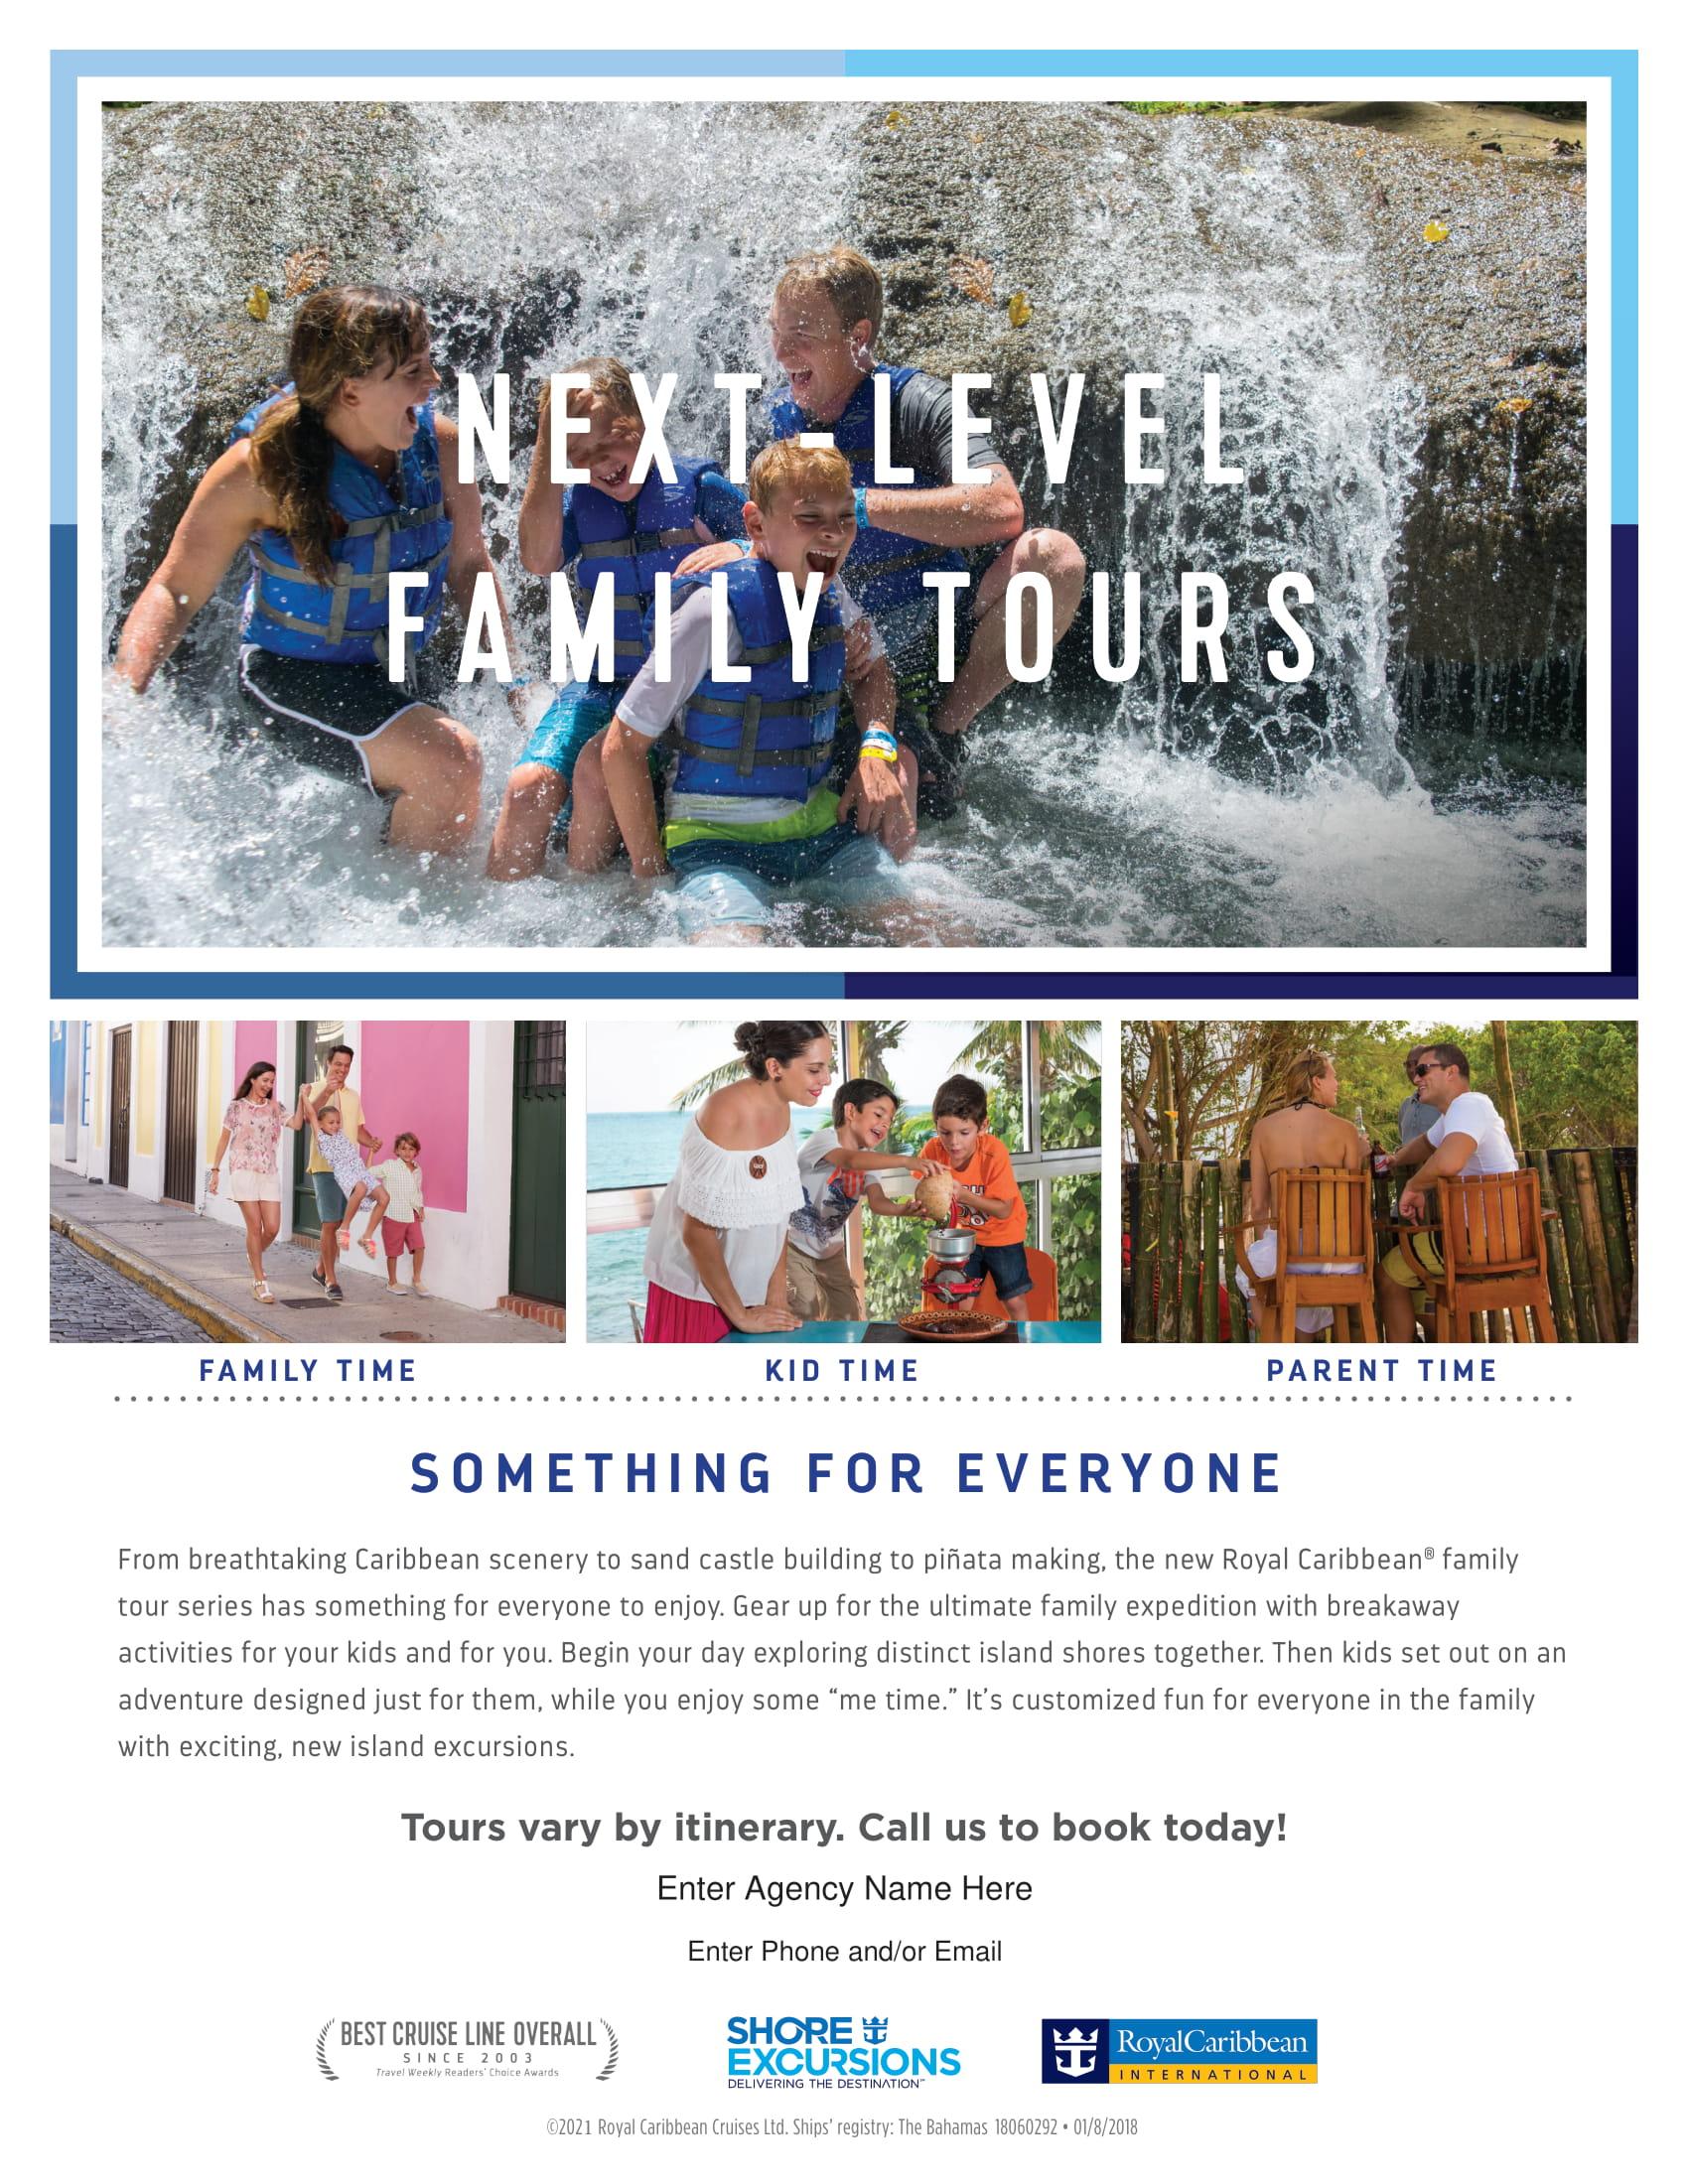 17054983_Family_Tours_PreCruise_Flyer-1